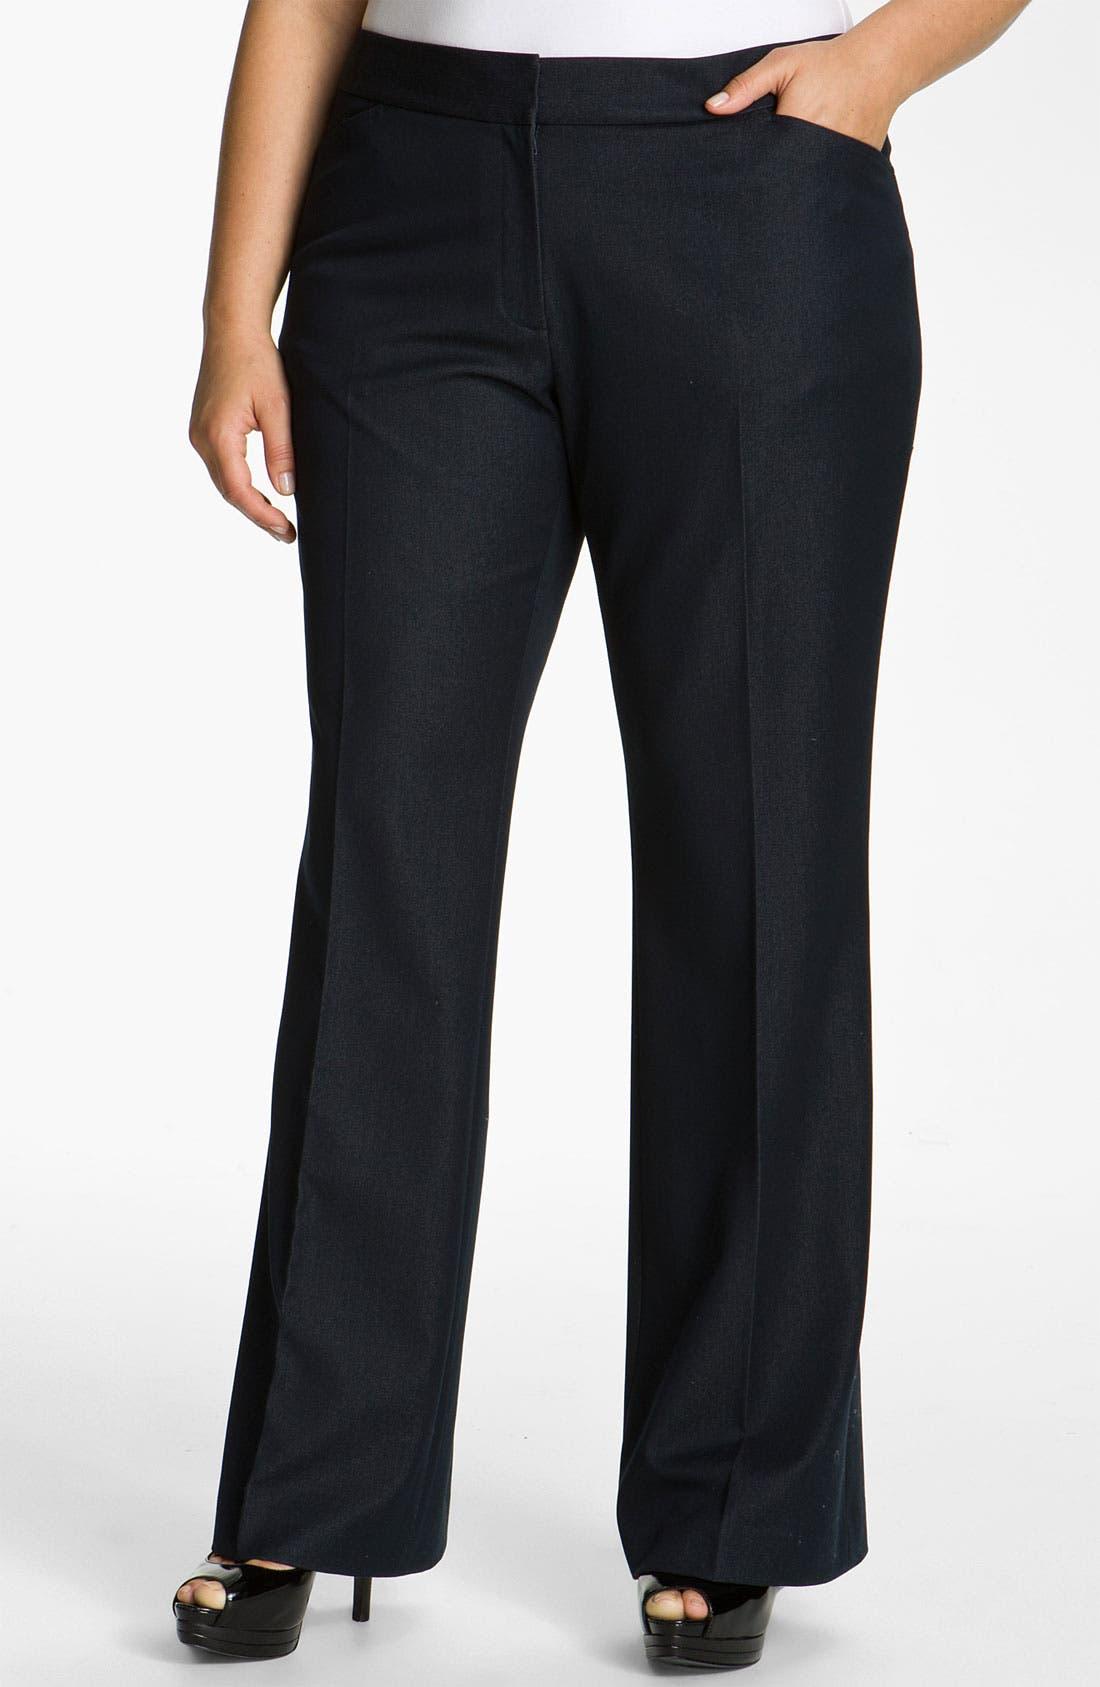 Main Image - Tahari Woman 'Wesley' Trousers (Plus)